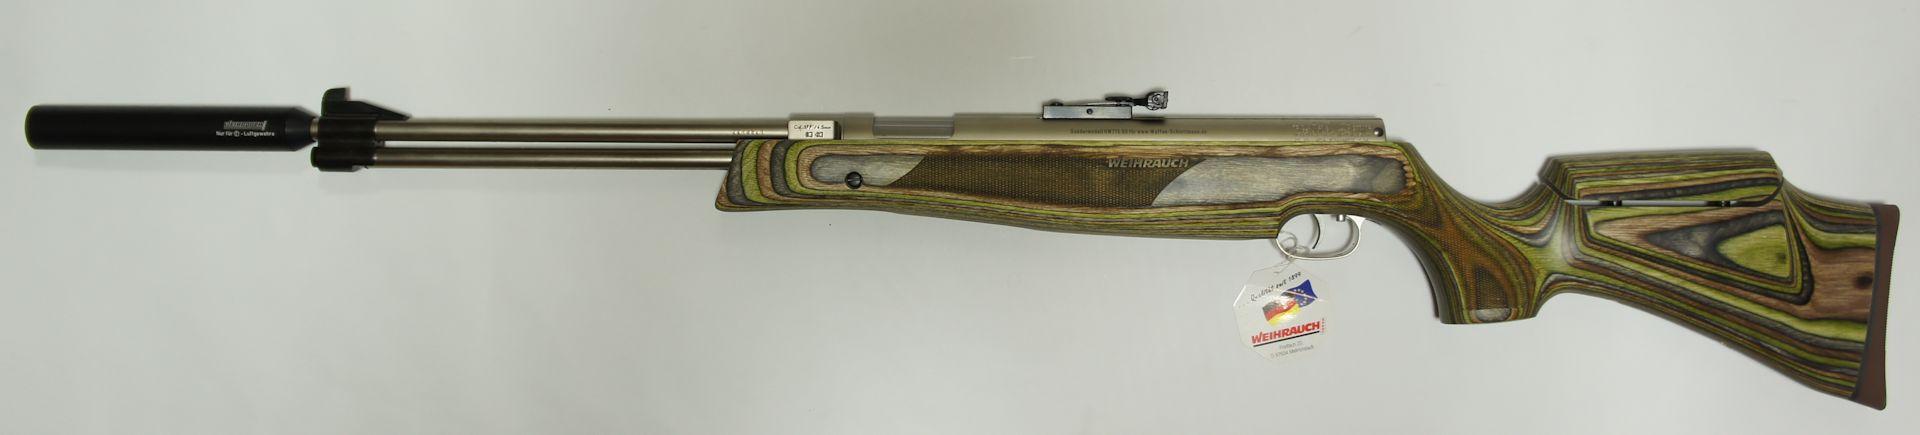 Gerne könnten Sie gegen Aufpreis so ein Luftgewehr auch mit vernickeltem Schalldämpfer und / oder mit verstellbarem Schaft bekommen.